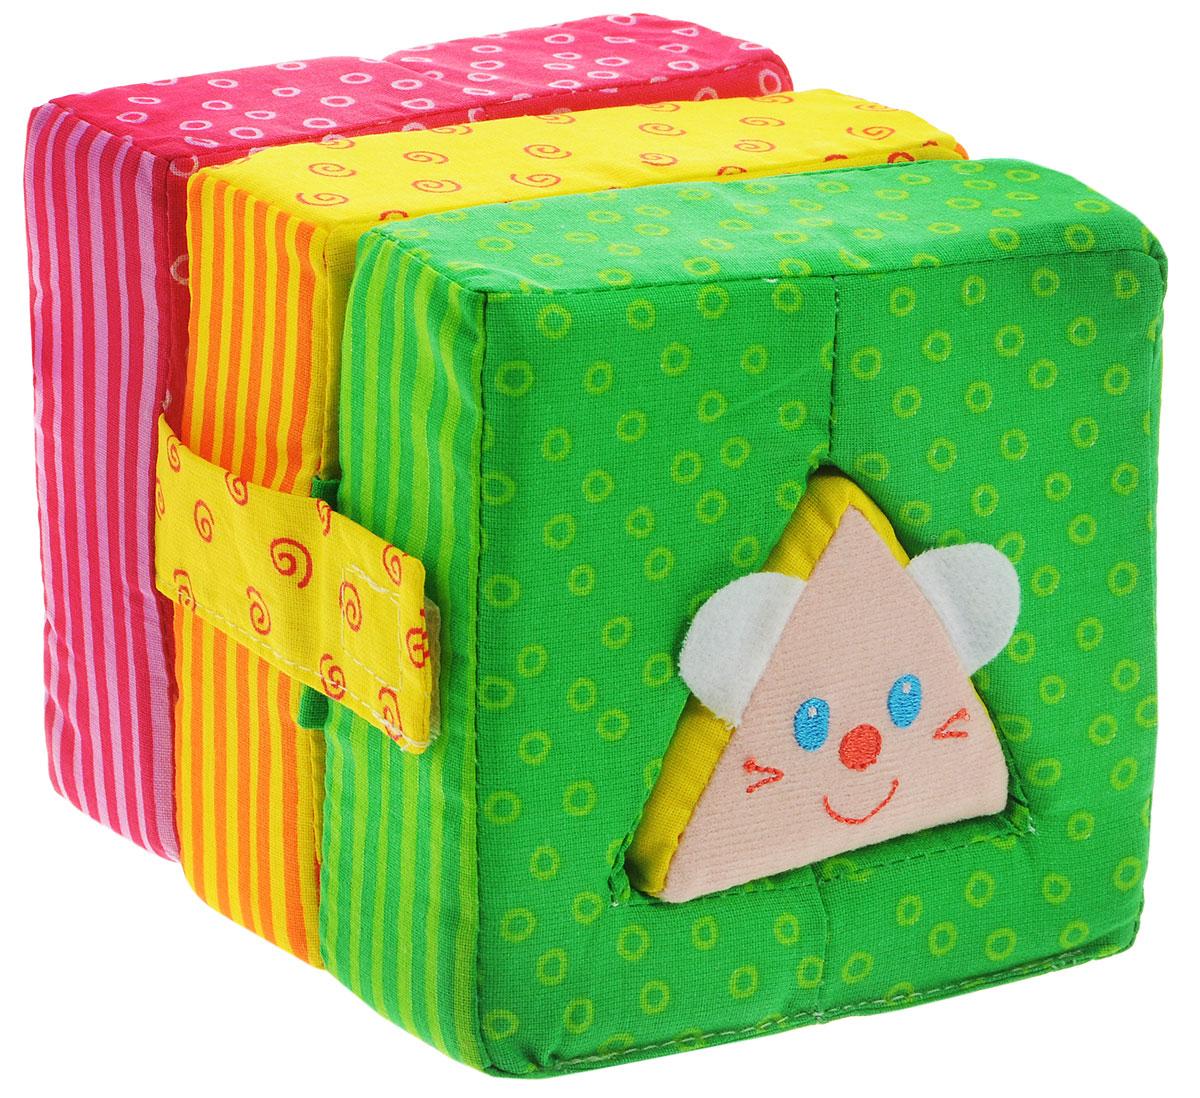 Мякиши Мягкая развивающая игрушка Кошки-Мышки цвет красный желтый зеленый162_красный,желтый,зеленыйЯркая мягкая игрушка-вкладыш Кошки-Мышки надолго займет внимание малыша и не позволит ему скучать. Игрушка выполнена в виде кубика, состоящего из трех разворачивающихся блоков, каждый с отверстием, соответствующим мягкому вкладышу (дверка, котик, мышка). Блоки фиксируются с помощью липучек. В изготовлении игрушки использовались высококачественные разнофактурные ткани с яркими четкими рисунками и мягкий наполнитель, что делает ее абсолютно безопасной в игре. Игрушка-вкладыш Мякиши способствует отличному развитию тактильных ощущений, мелкой моторики, координации движений, мышления, яркие цвета стимулируют цветовое восприятие. Размер игрушки (в собранном виде): 12 см x 12 см х 12 см. Размер игрушки (в развернутом виде): 38 см x 12 см х 4 см.